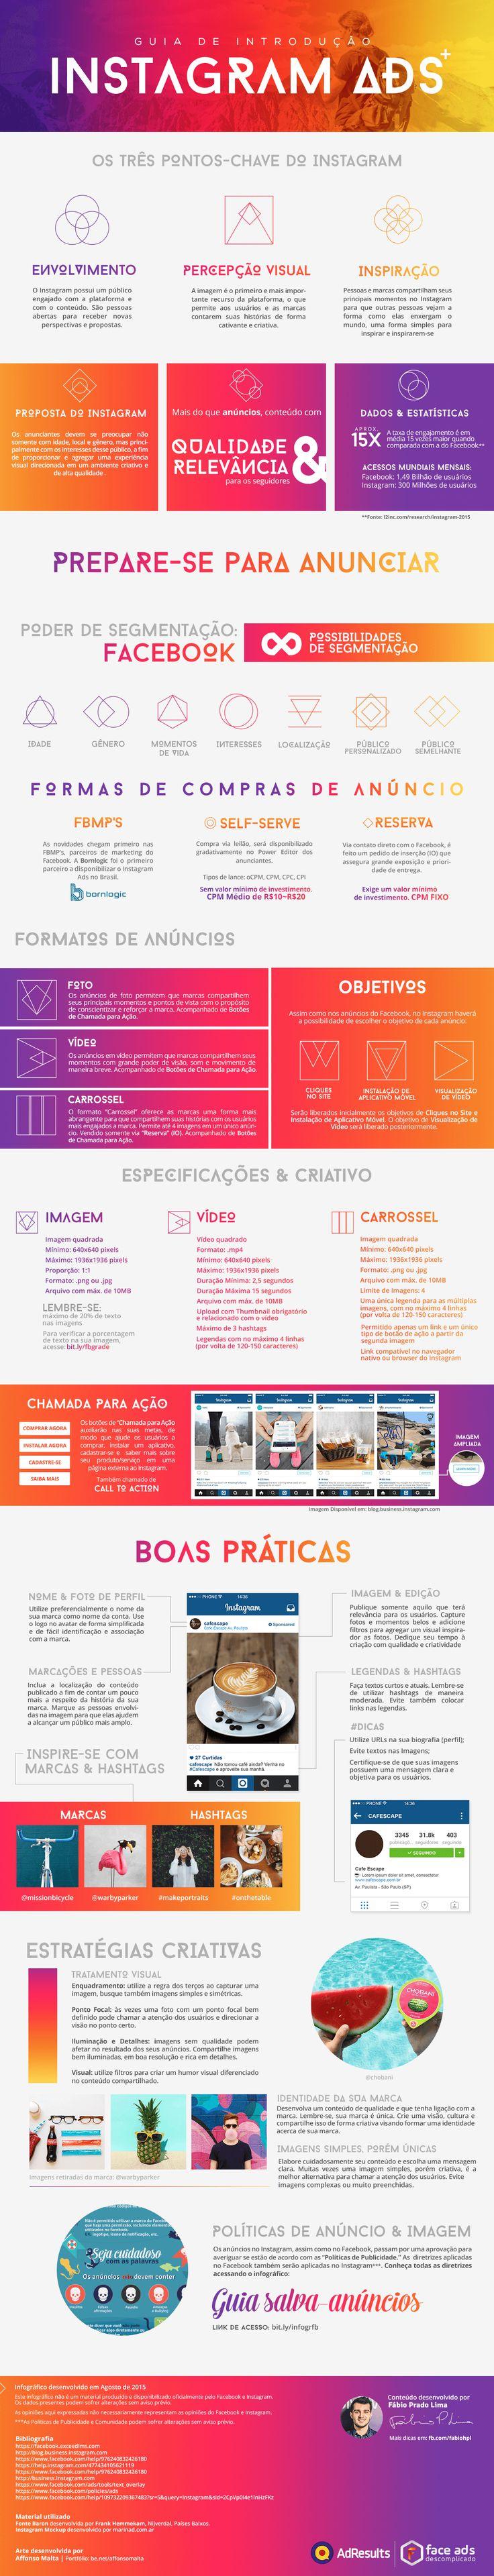 Infográfico traz guia de anúncios para o Instagram